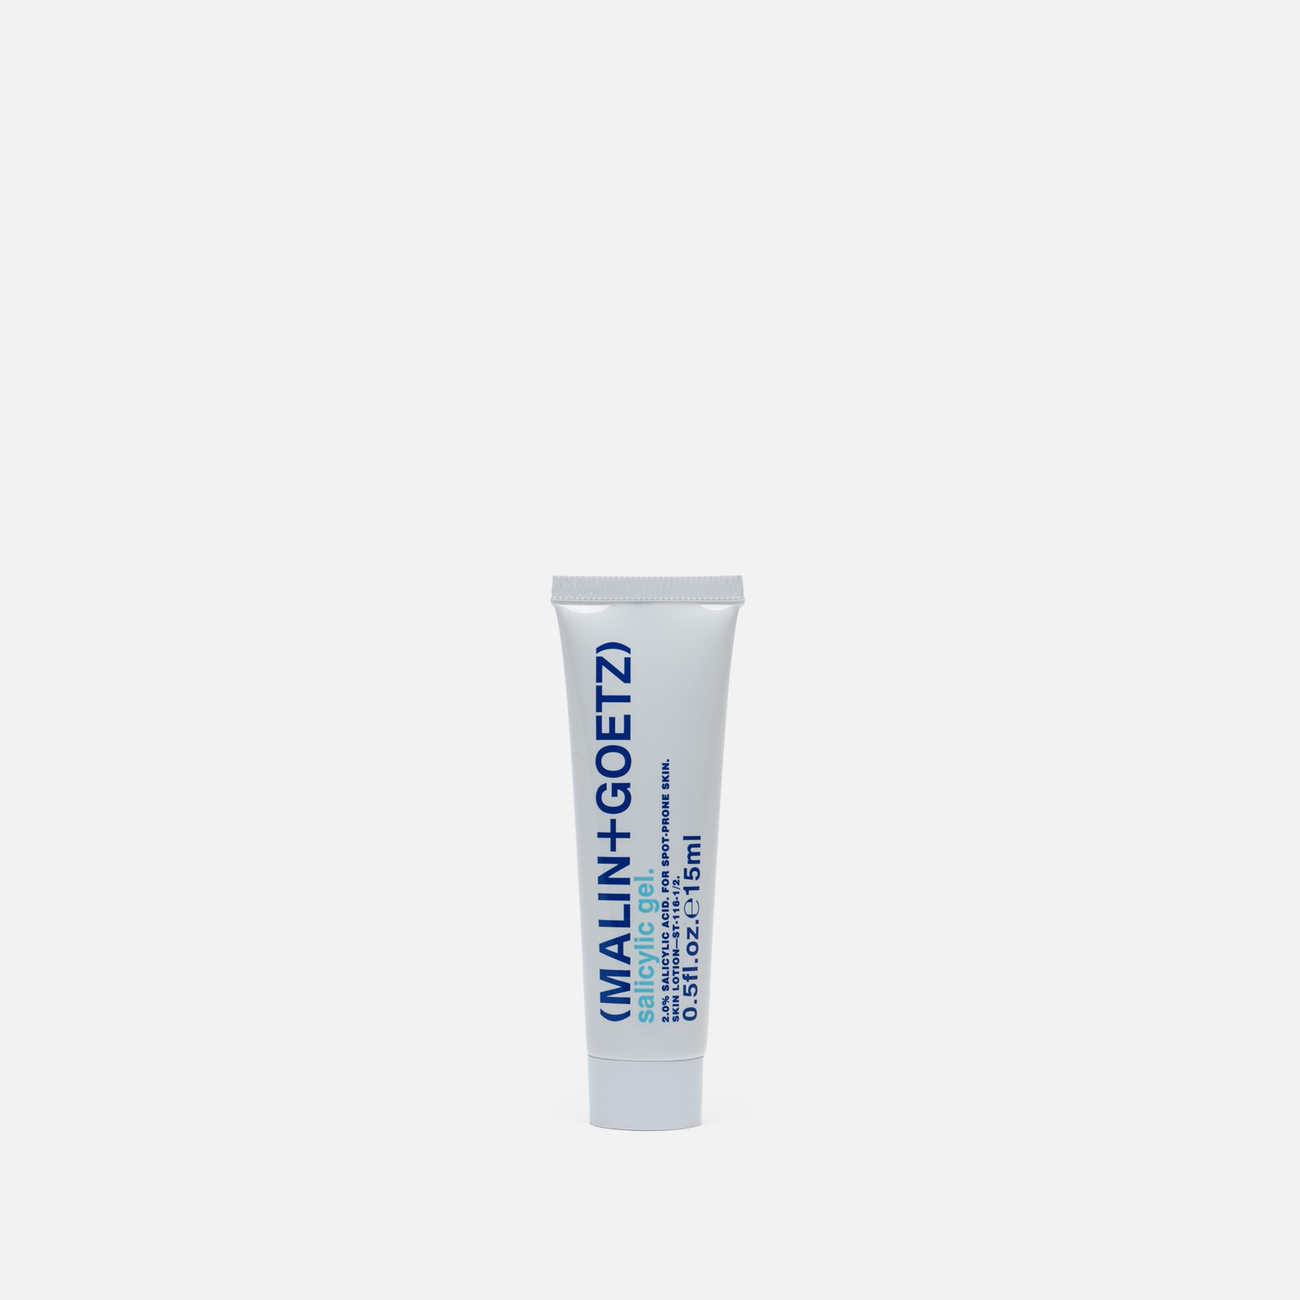 Гель для лица Malin+Goetz Acne Treatment Daytime 15ml